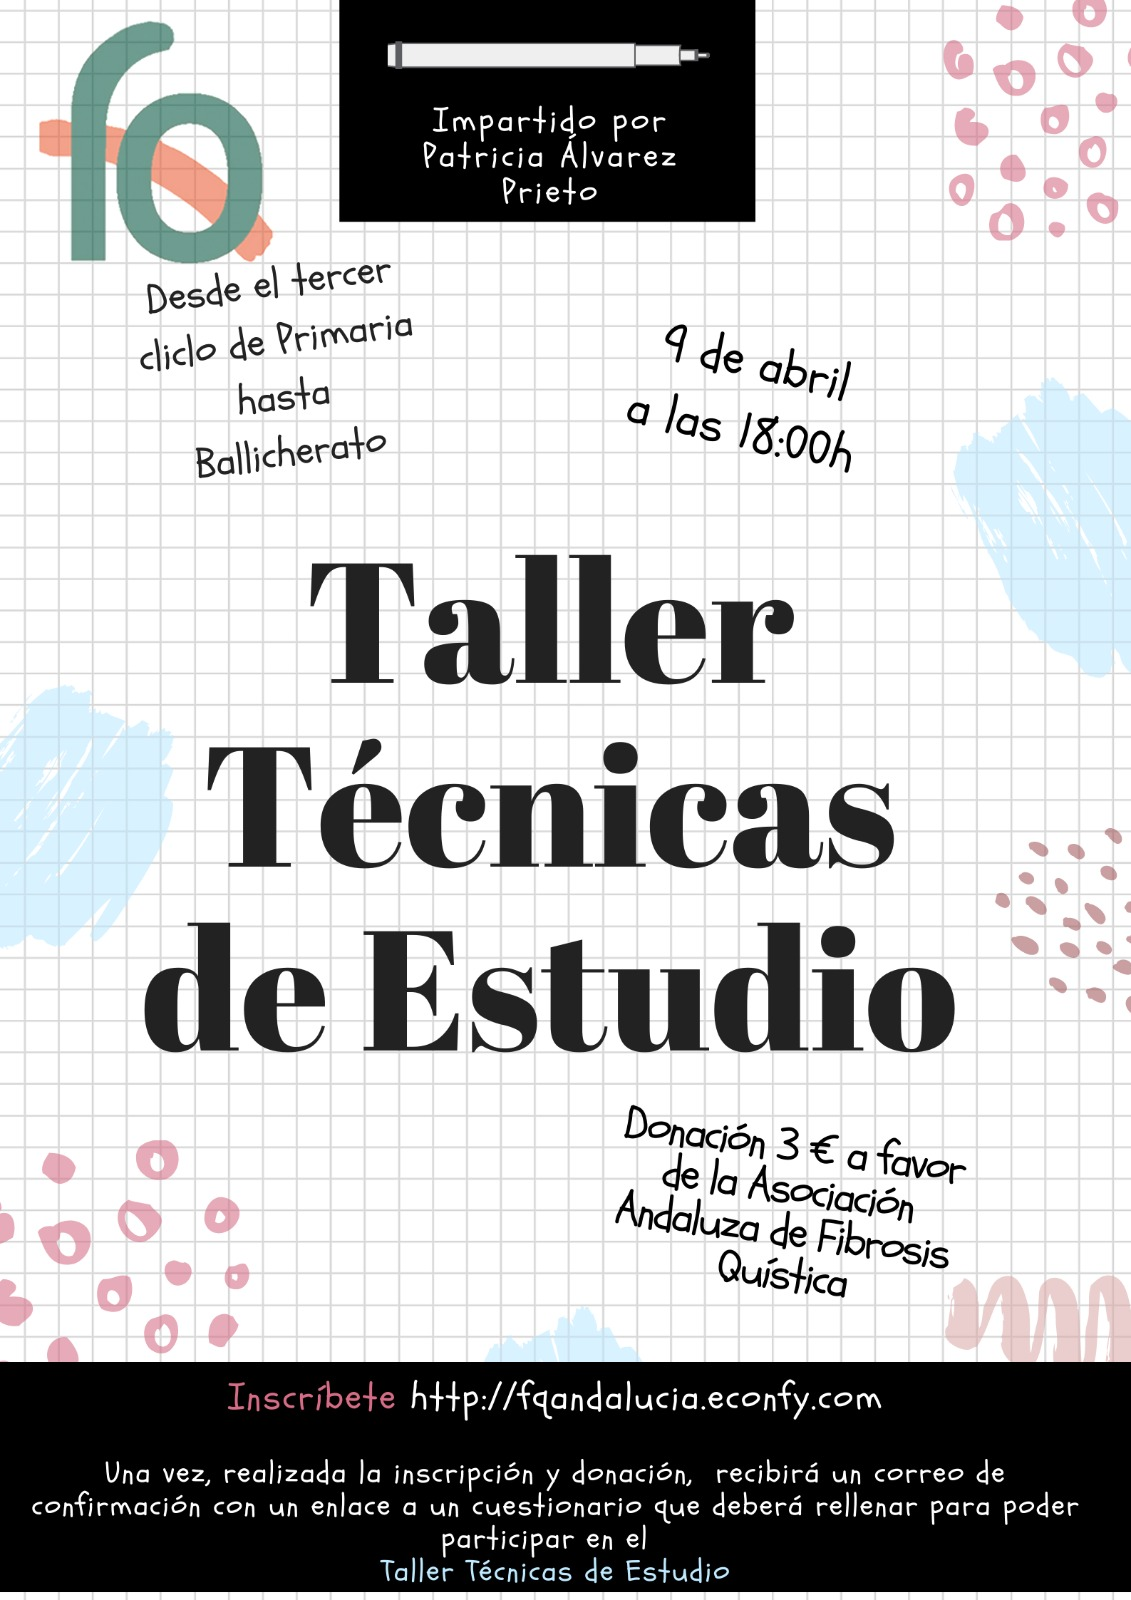 Taller de Técnicas de Estudio. Plataforma Aprendizaje Solidario